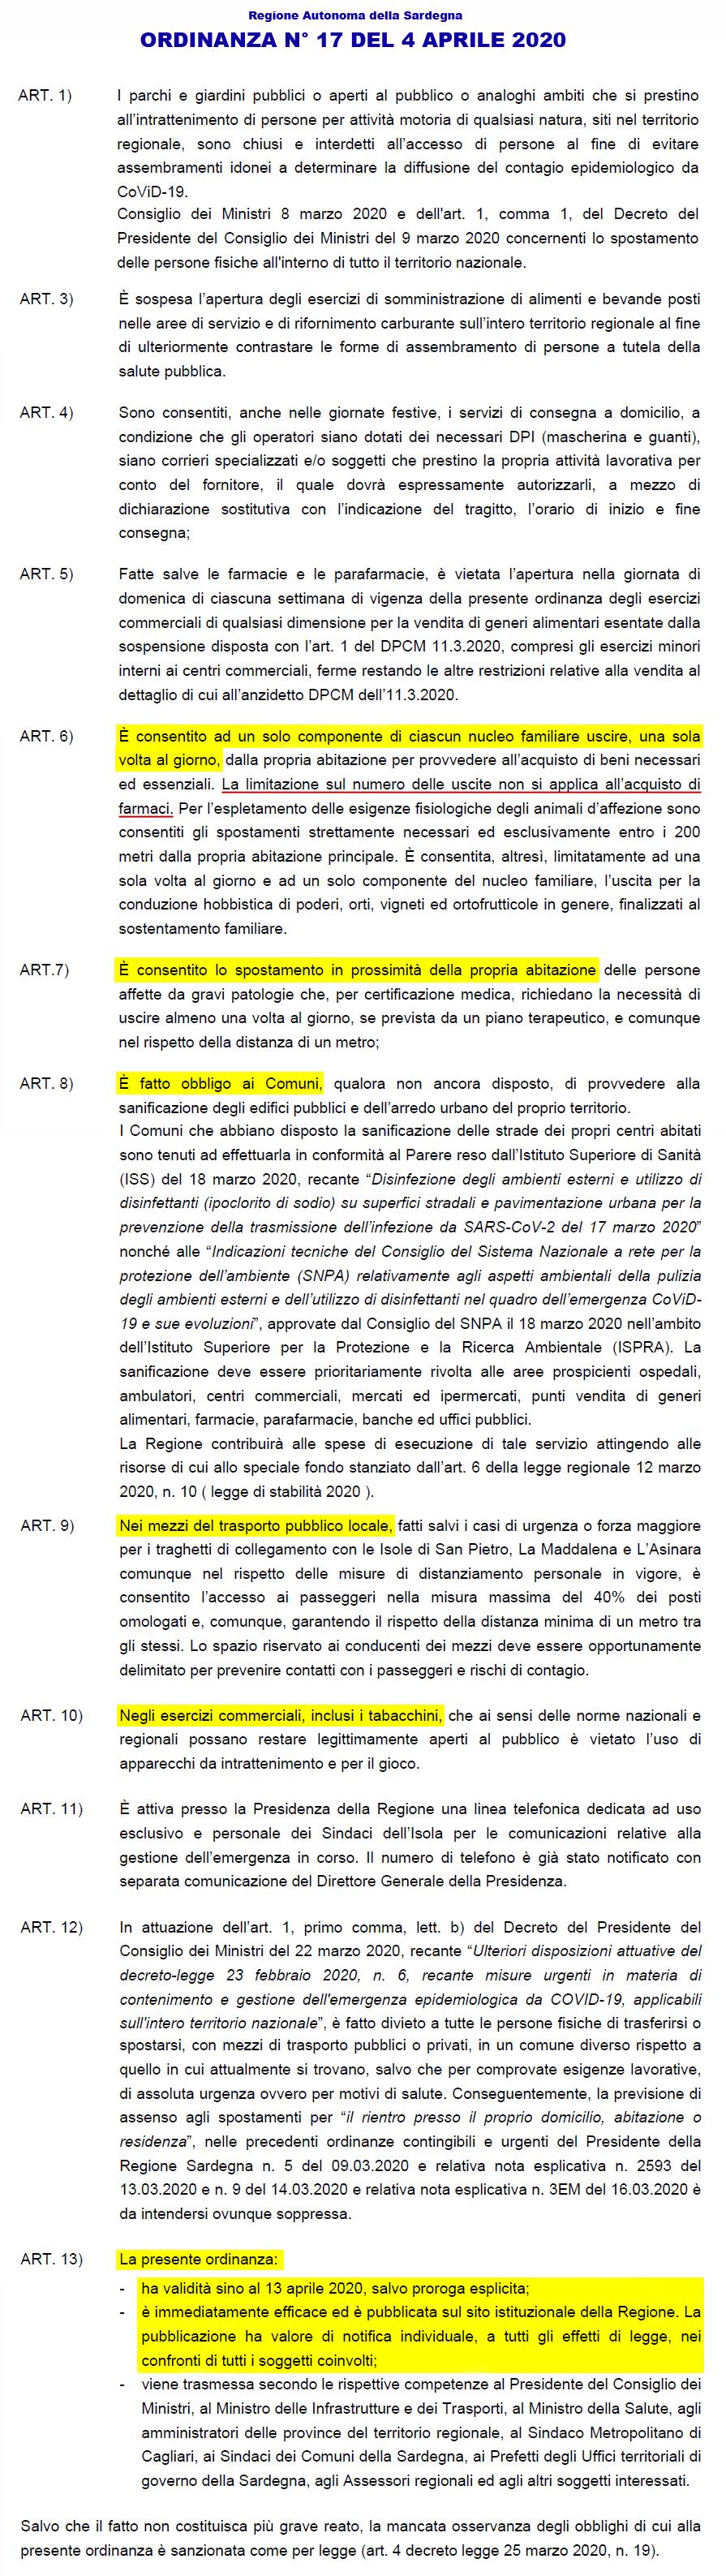 Regione Sardegna. Norme di Contrasto al Covid-19 sull ...